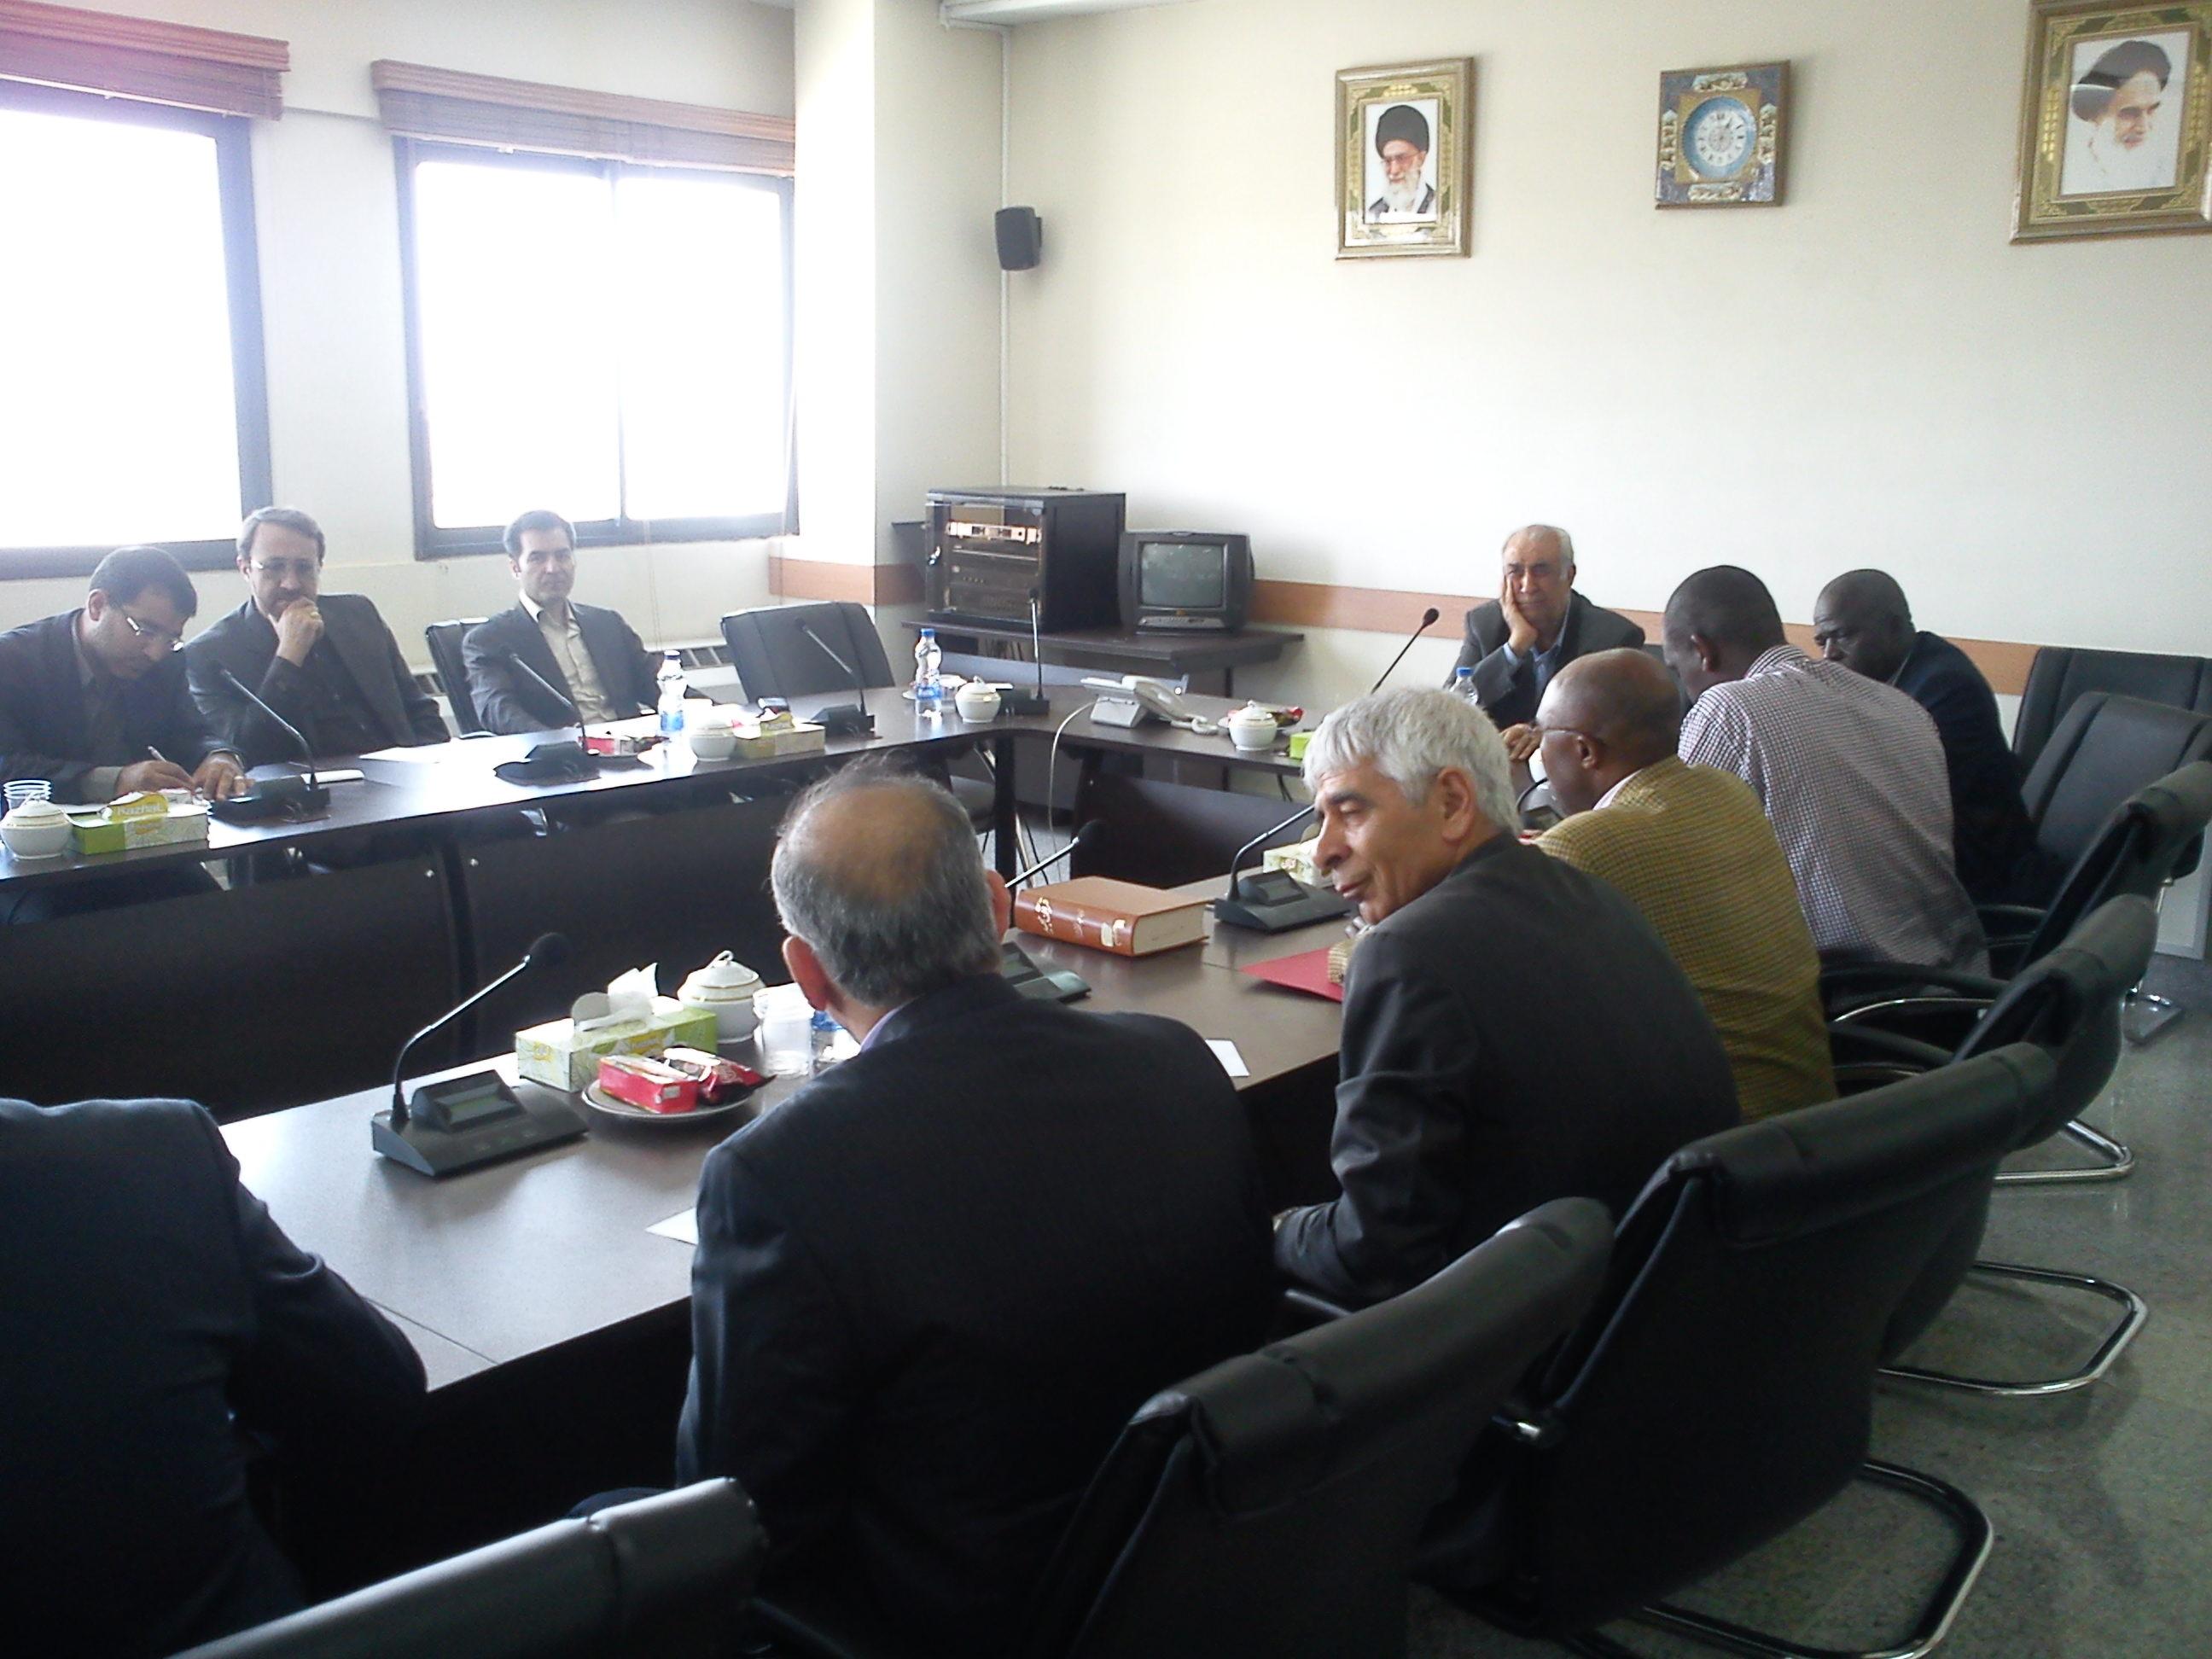 بازدید سفیر اوگاندا از دانشگاه آزاد اسلامی واحد خوراسگان